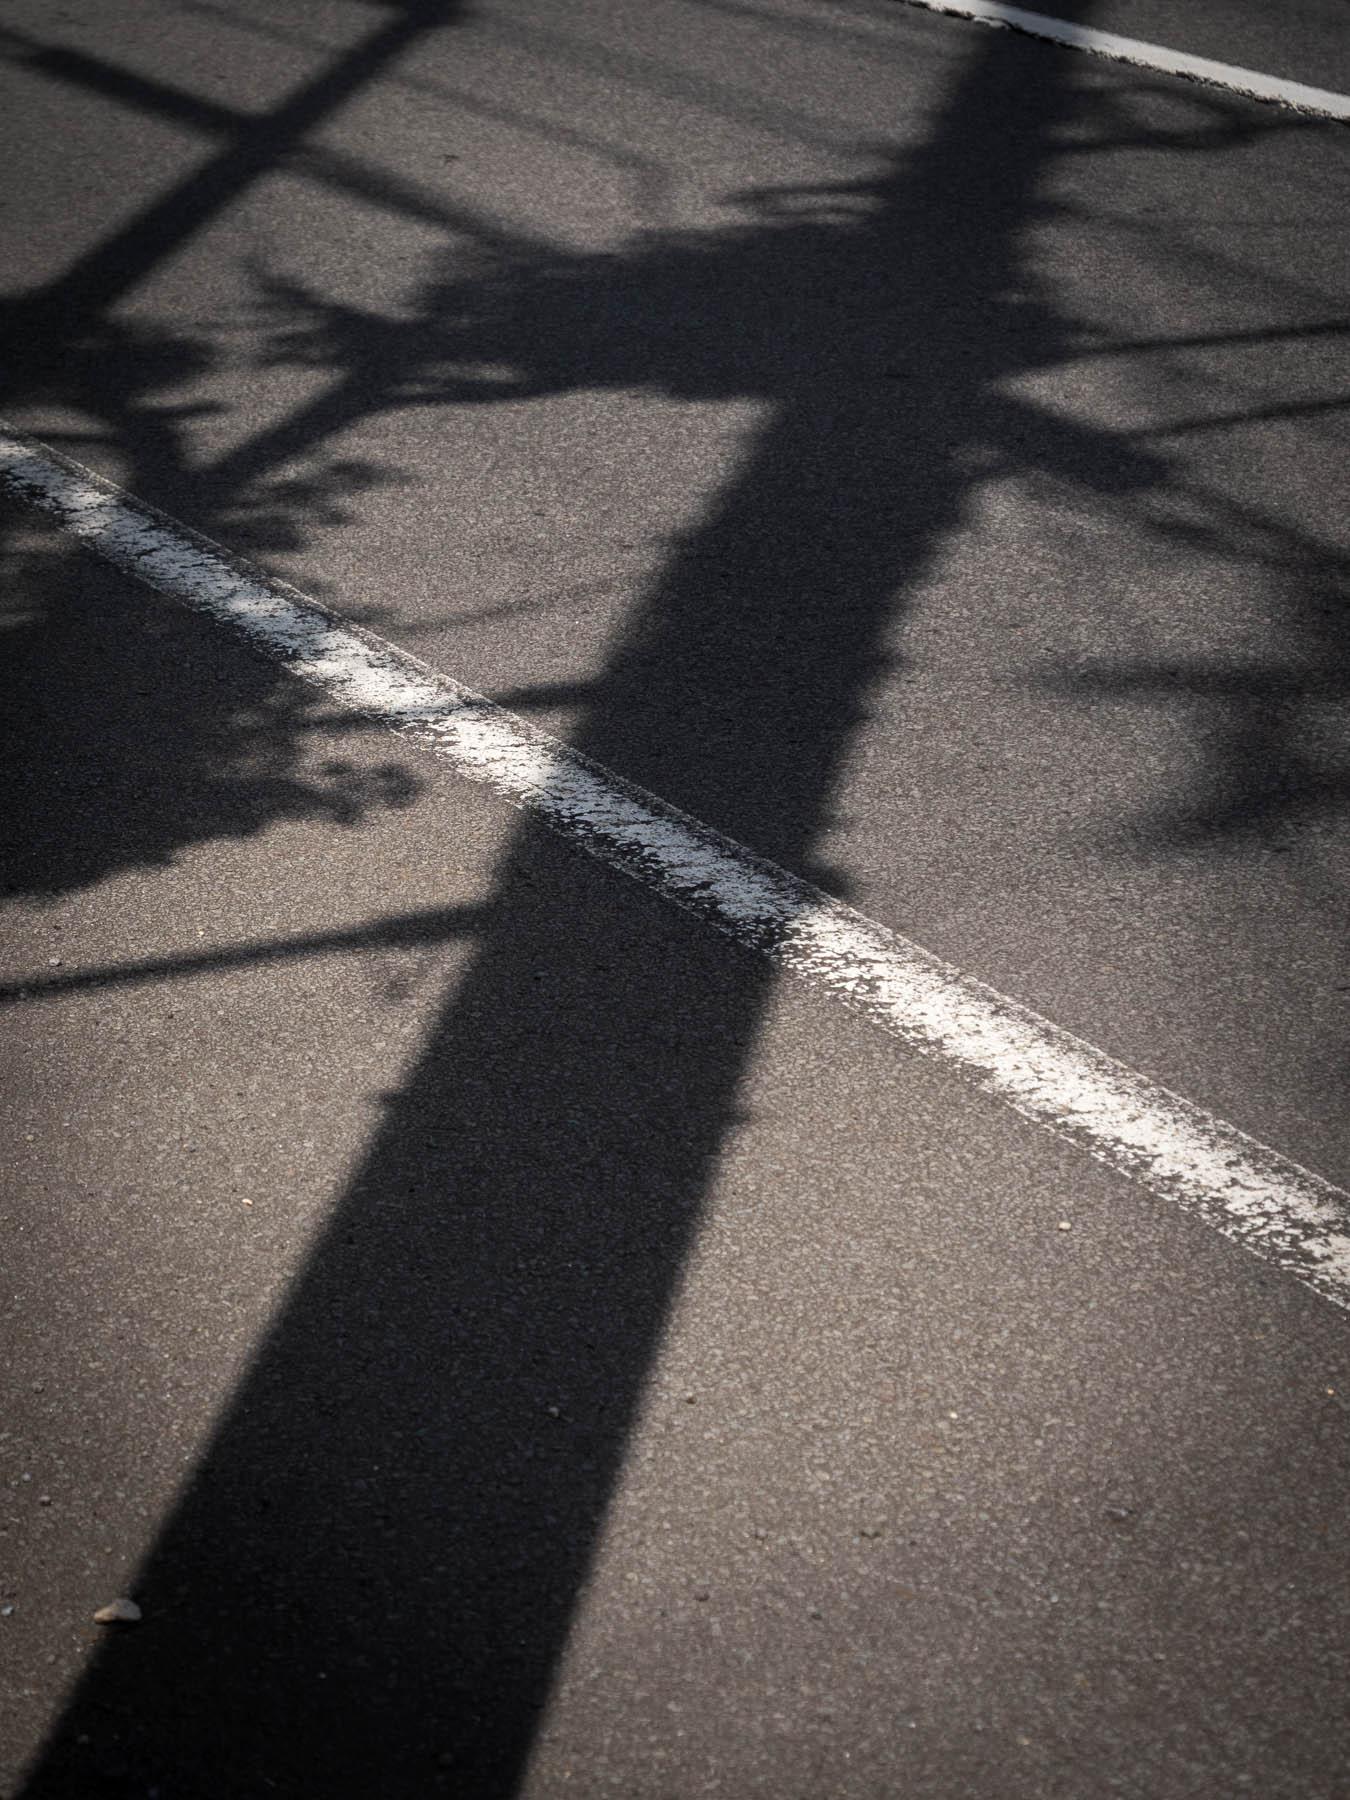 アスファルトの照り返しと黒々とした電信柱の影